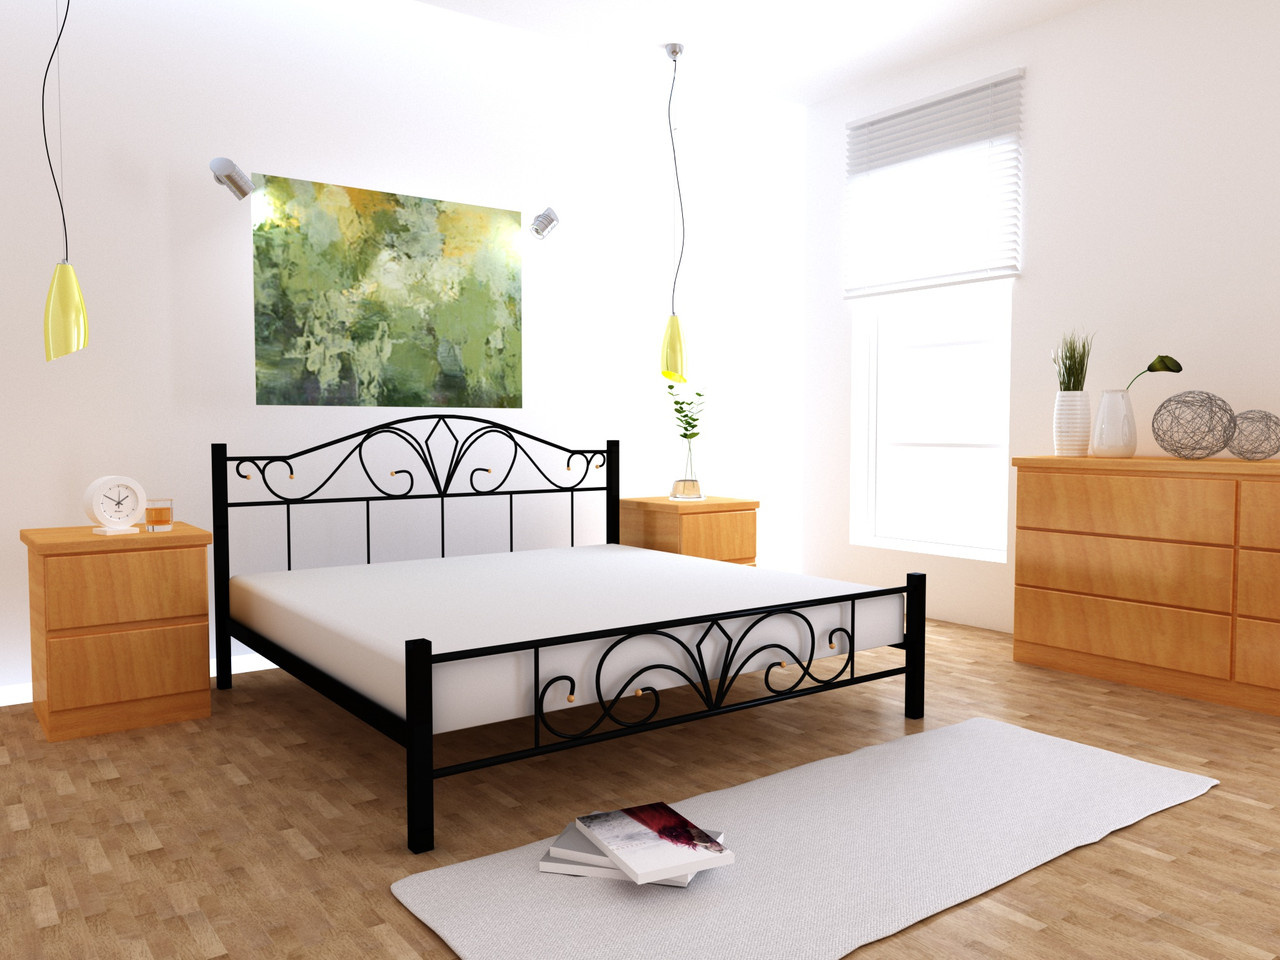 Металеве ліжко Валенсія односпальне 80х190 см, ортопедічна